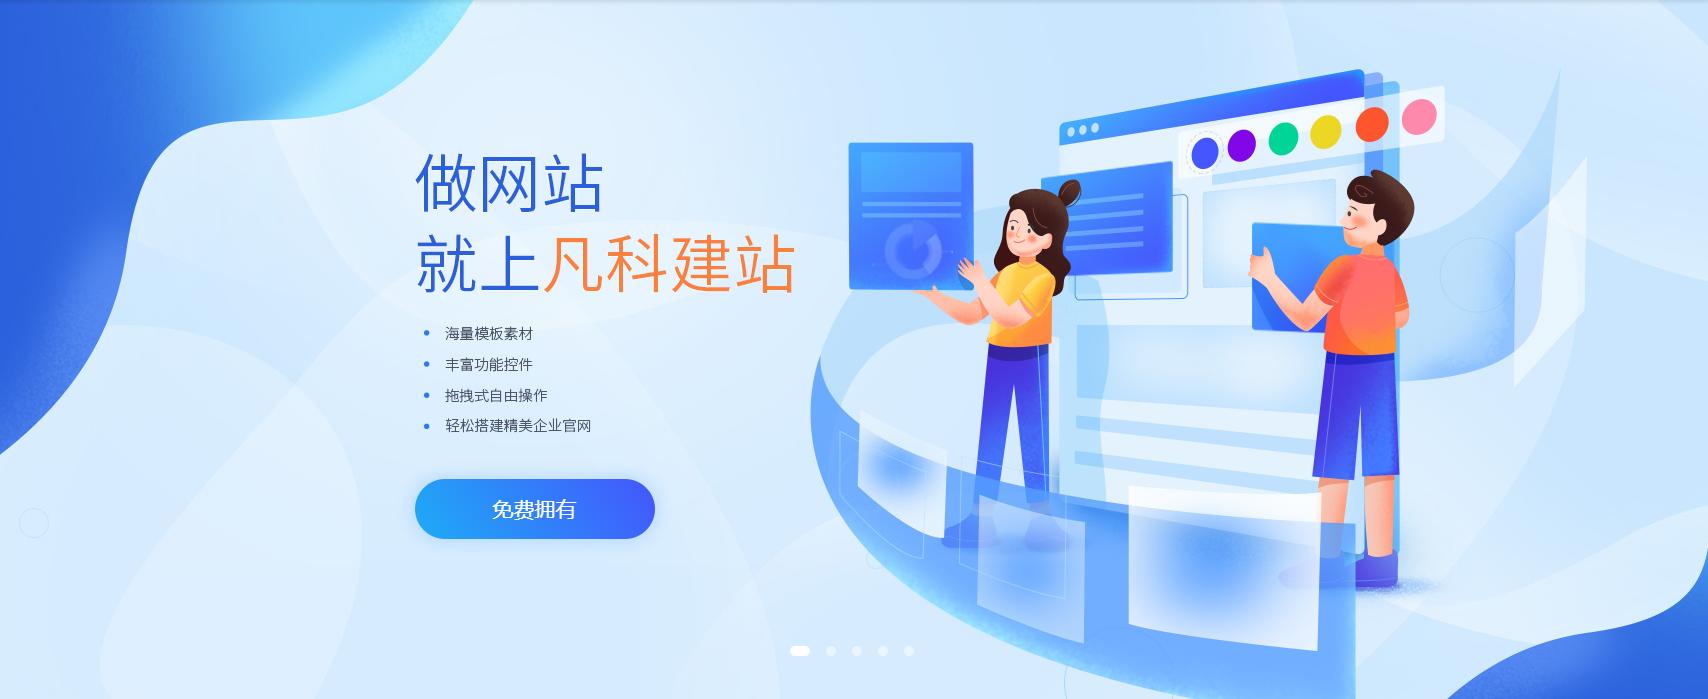 网页设计模板